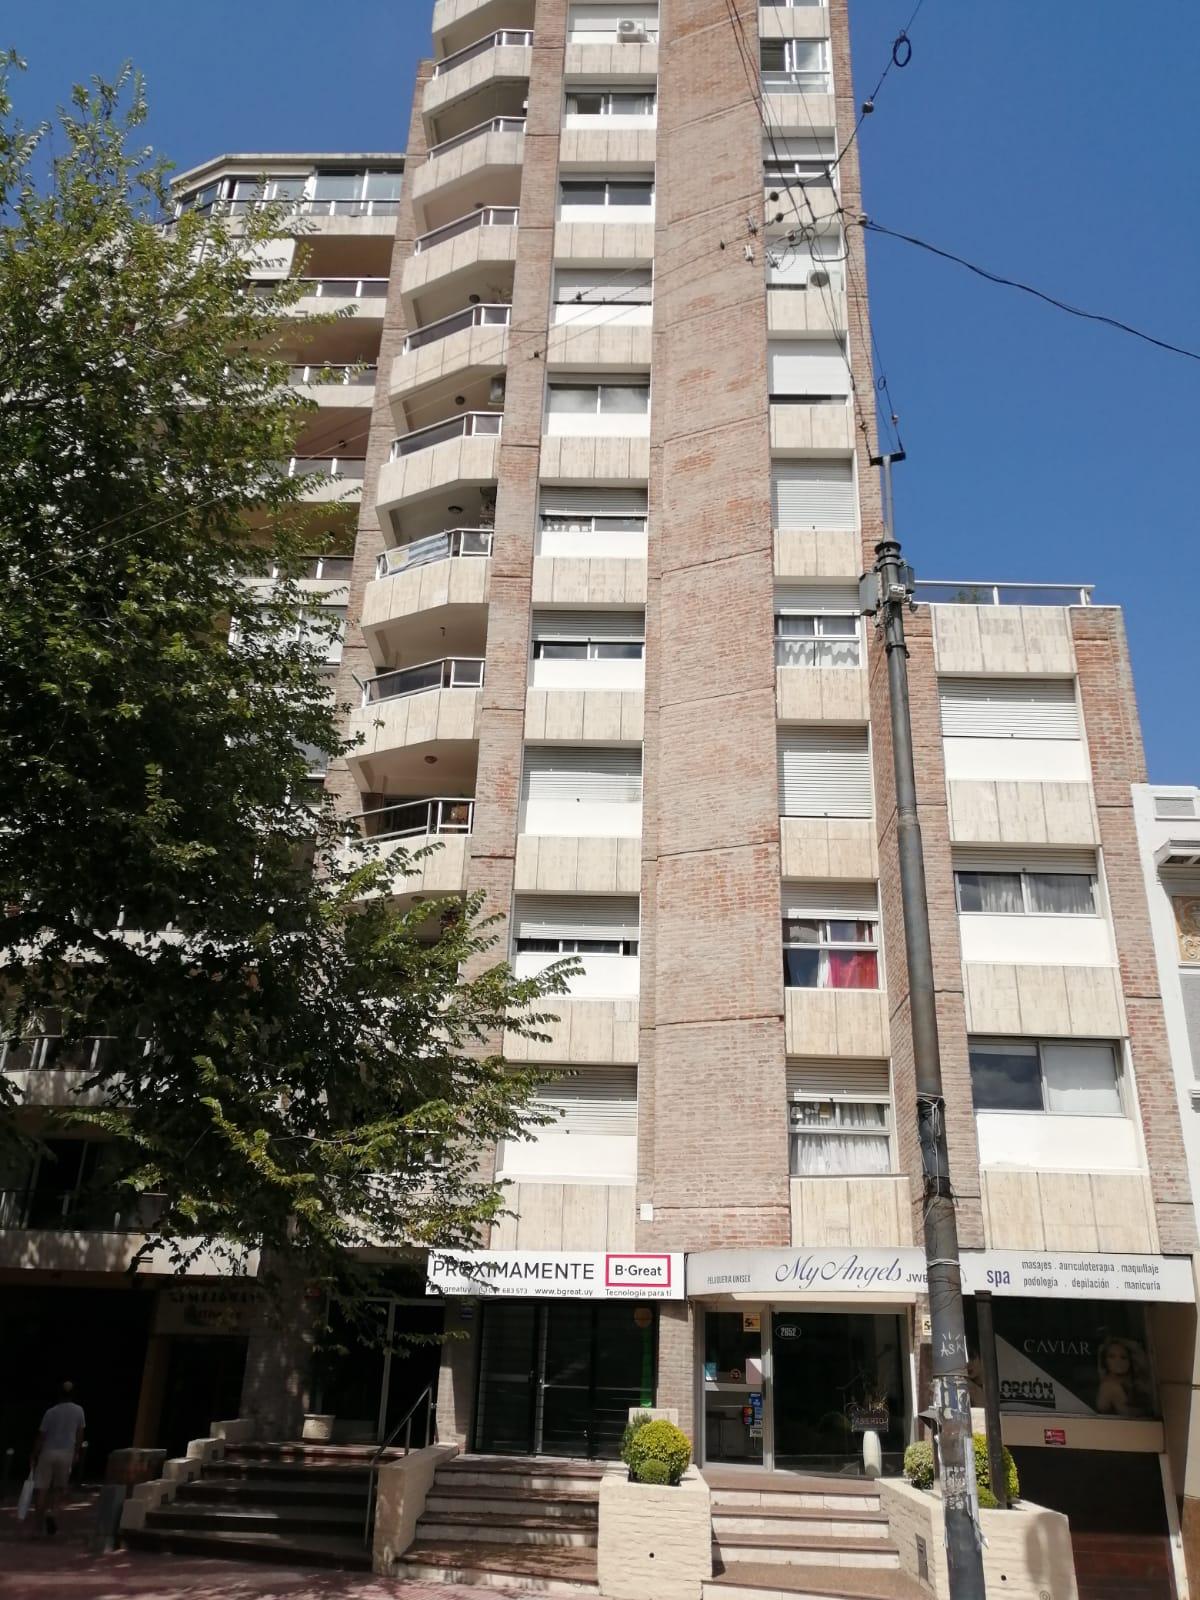 Venta de Apartamento de 2 dormitorios en barrio Pocitos.